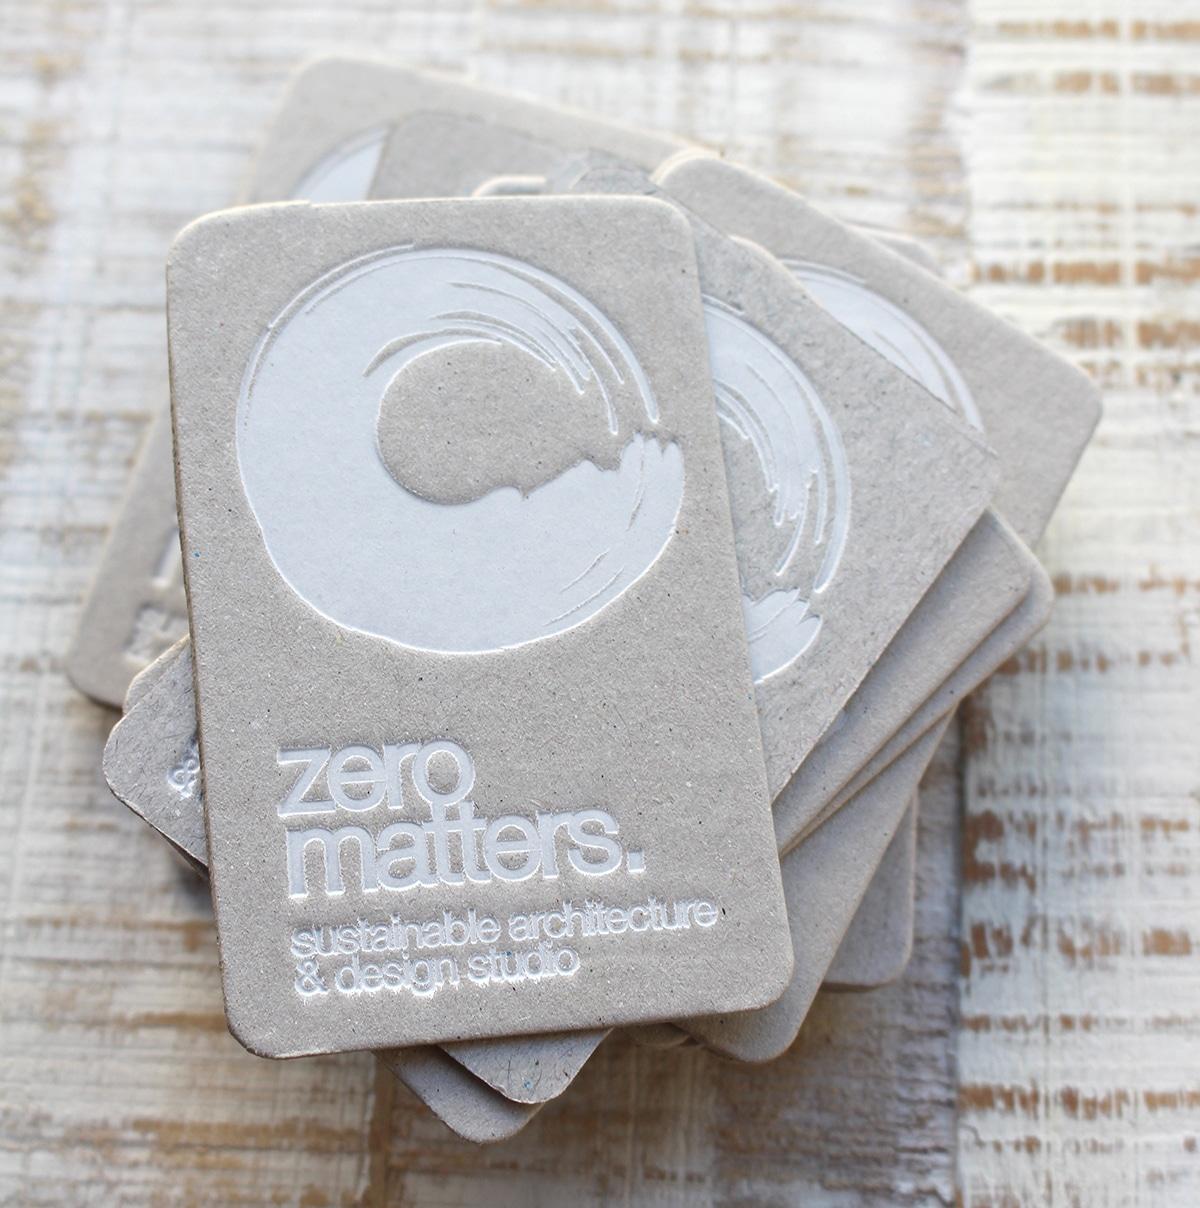 BC zero matters